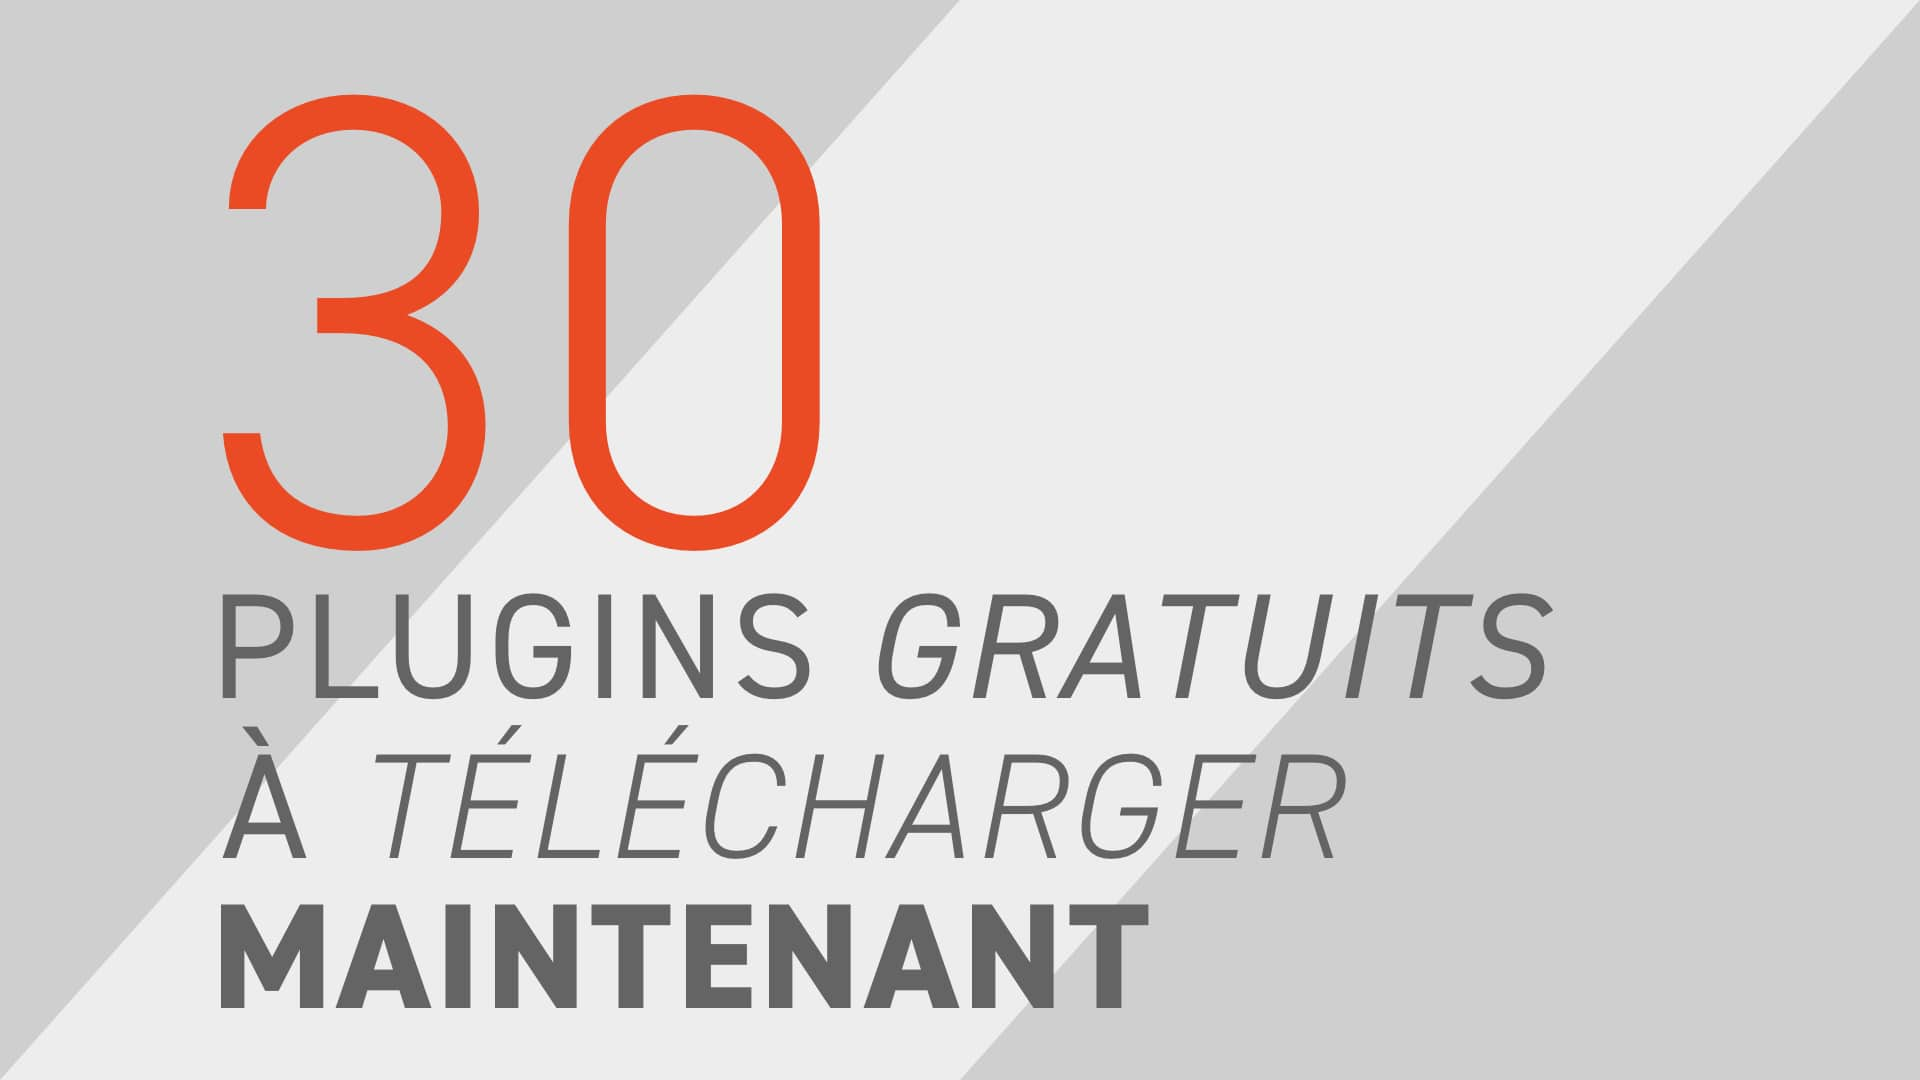 30 plugins gratuis à télécharger - Musitechnic Blog